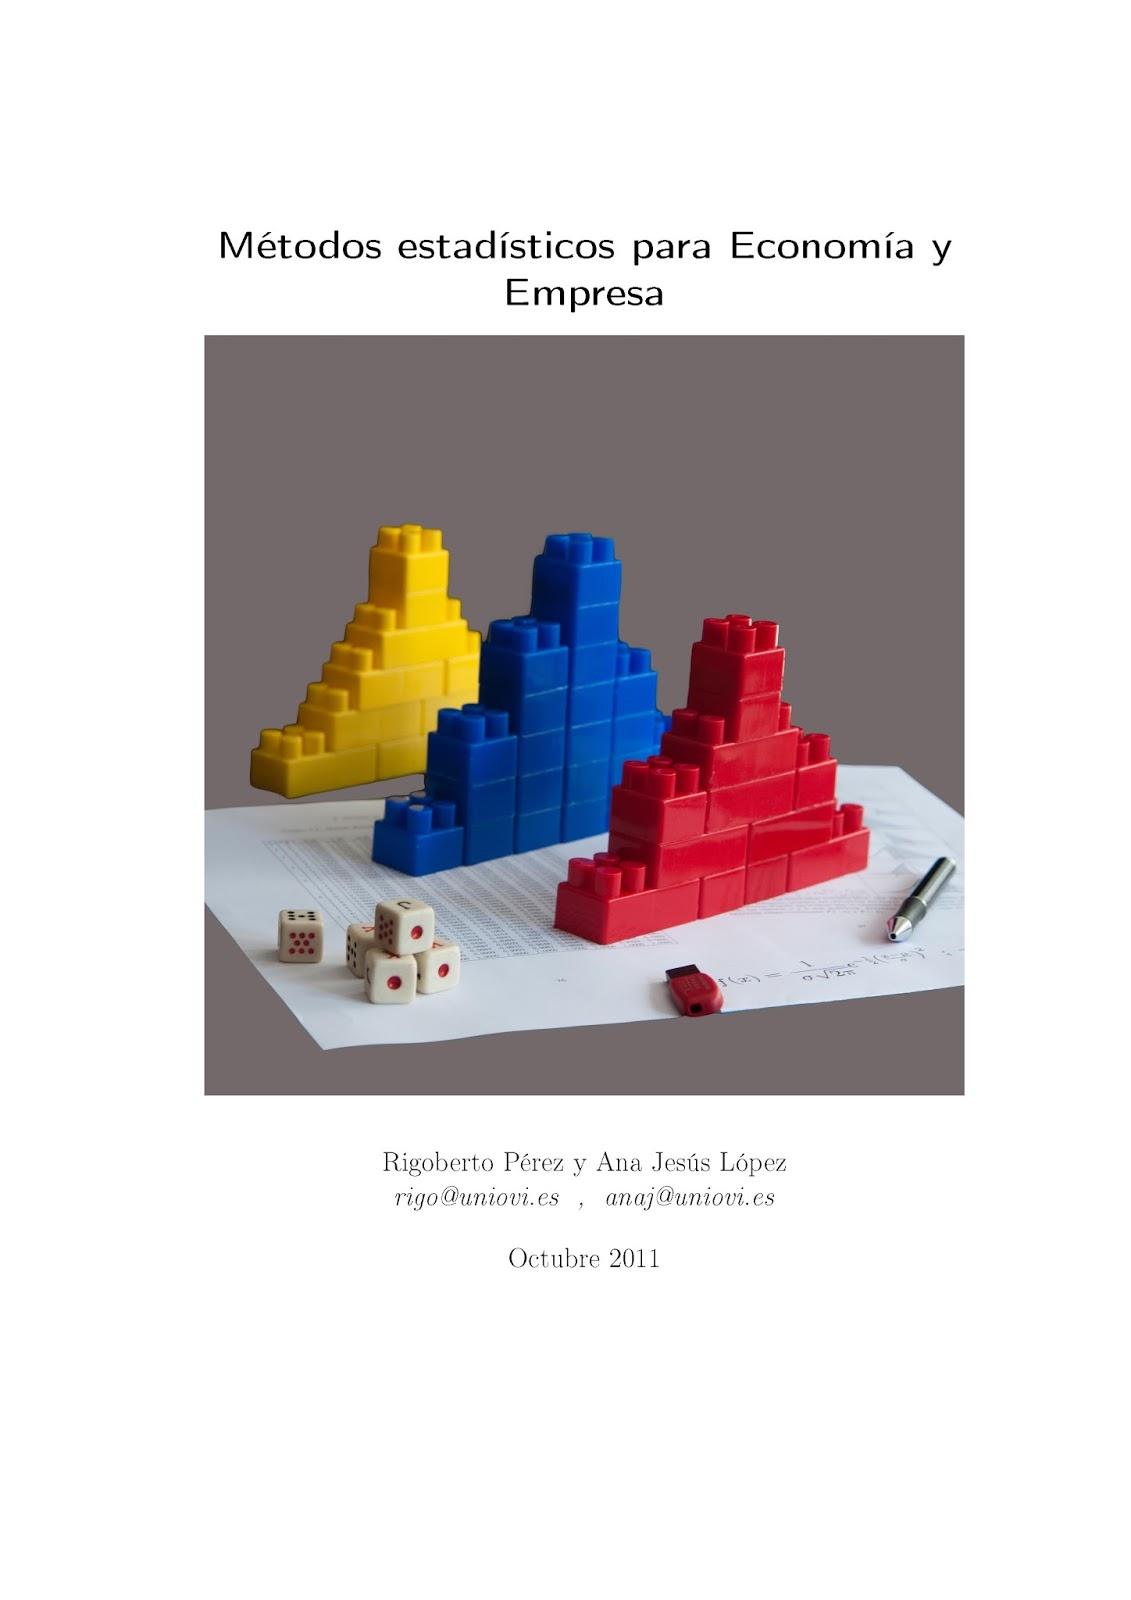 Métodos Estadísticos para Economía y Empresa